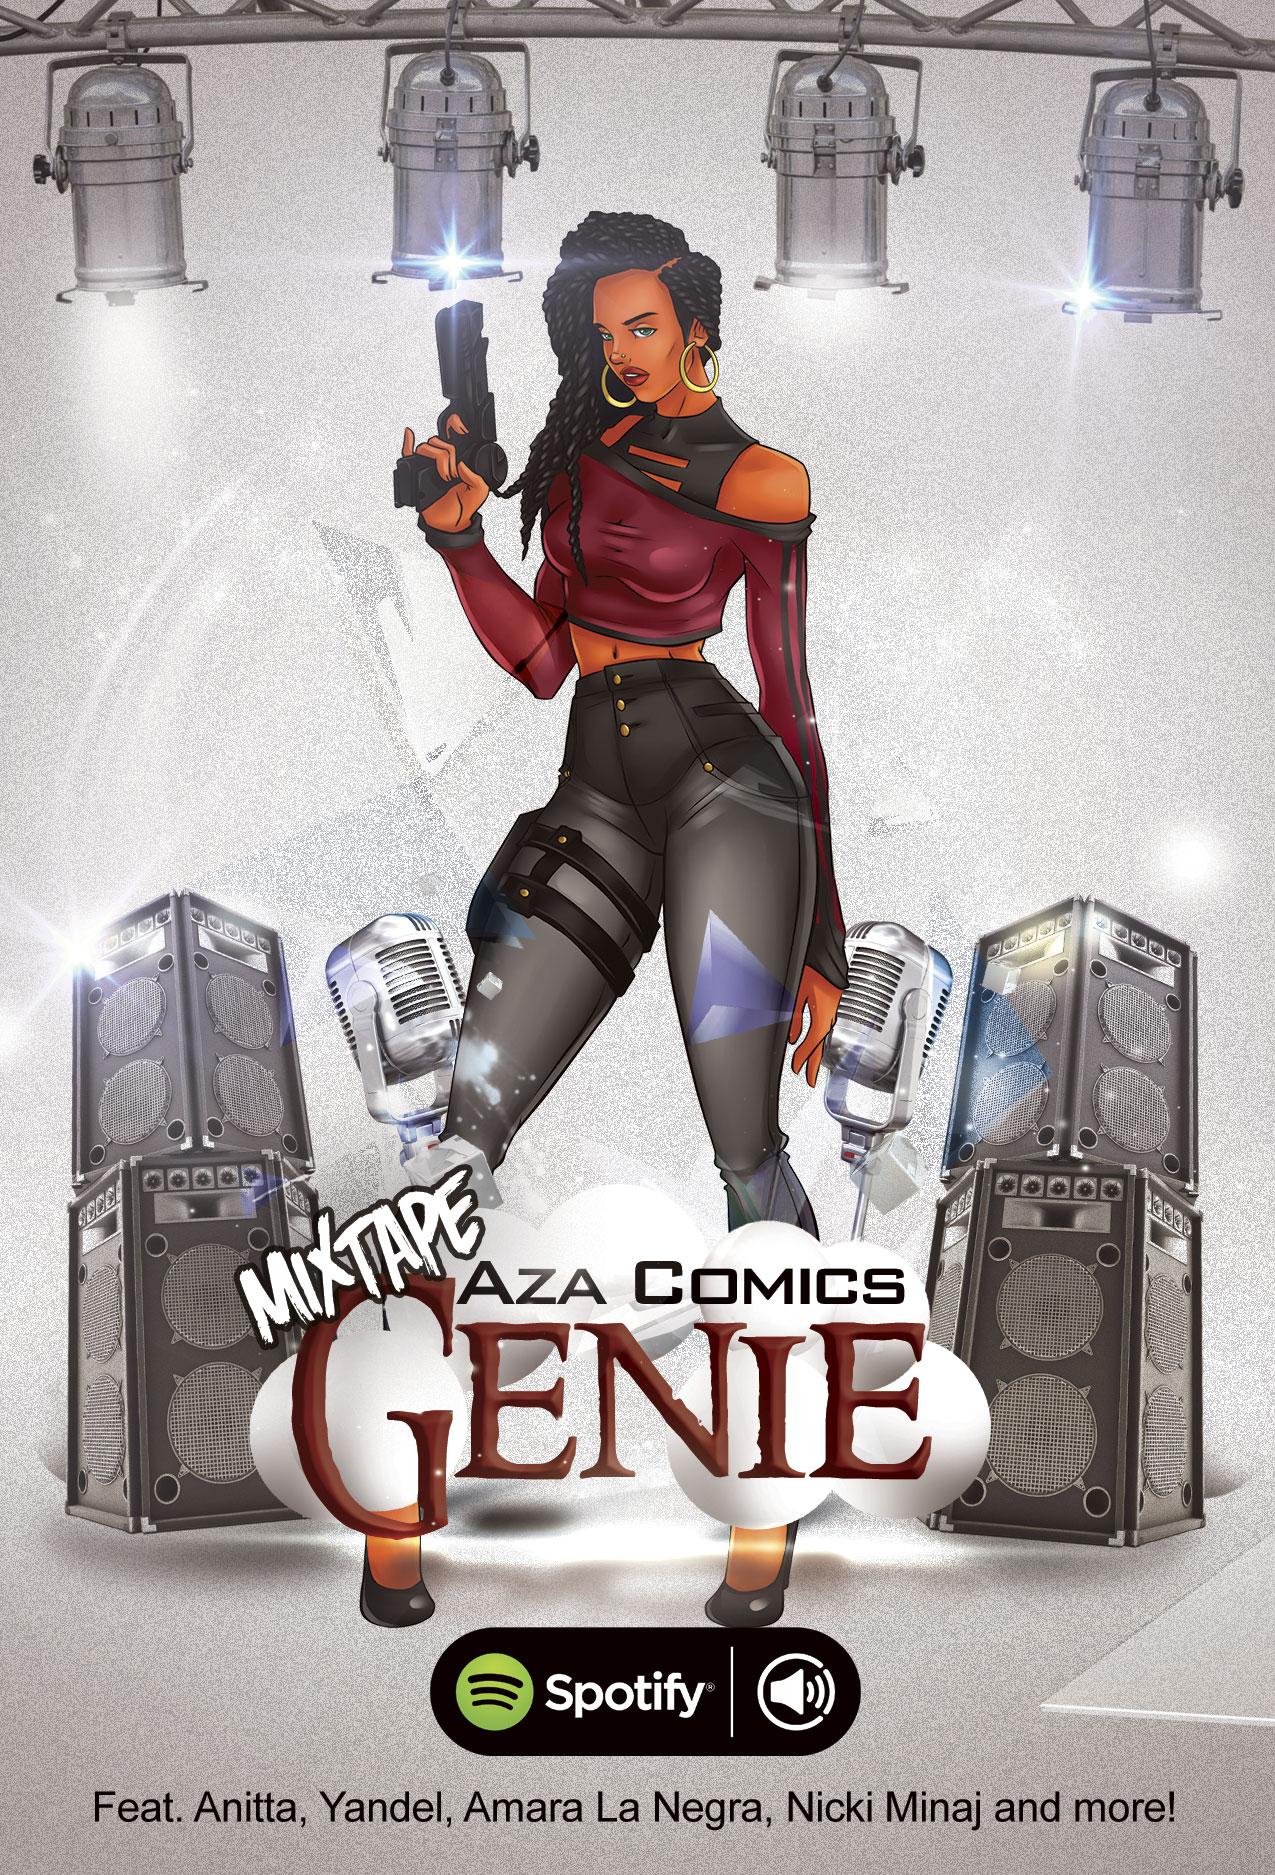 genie-aza-mixtape